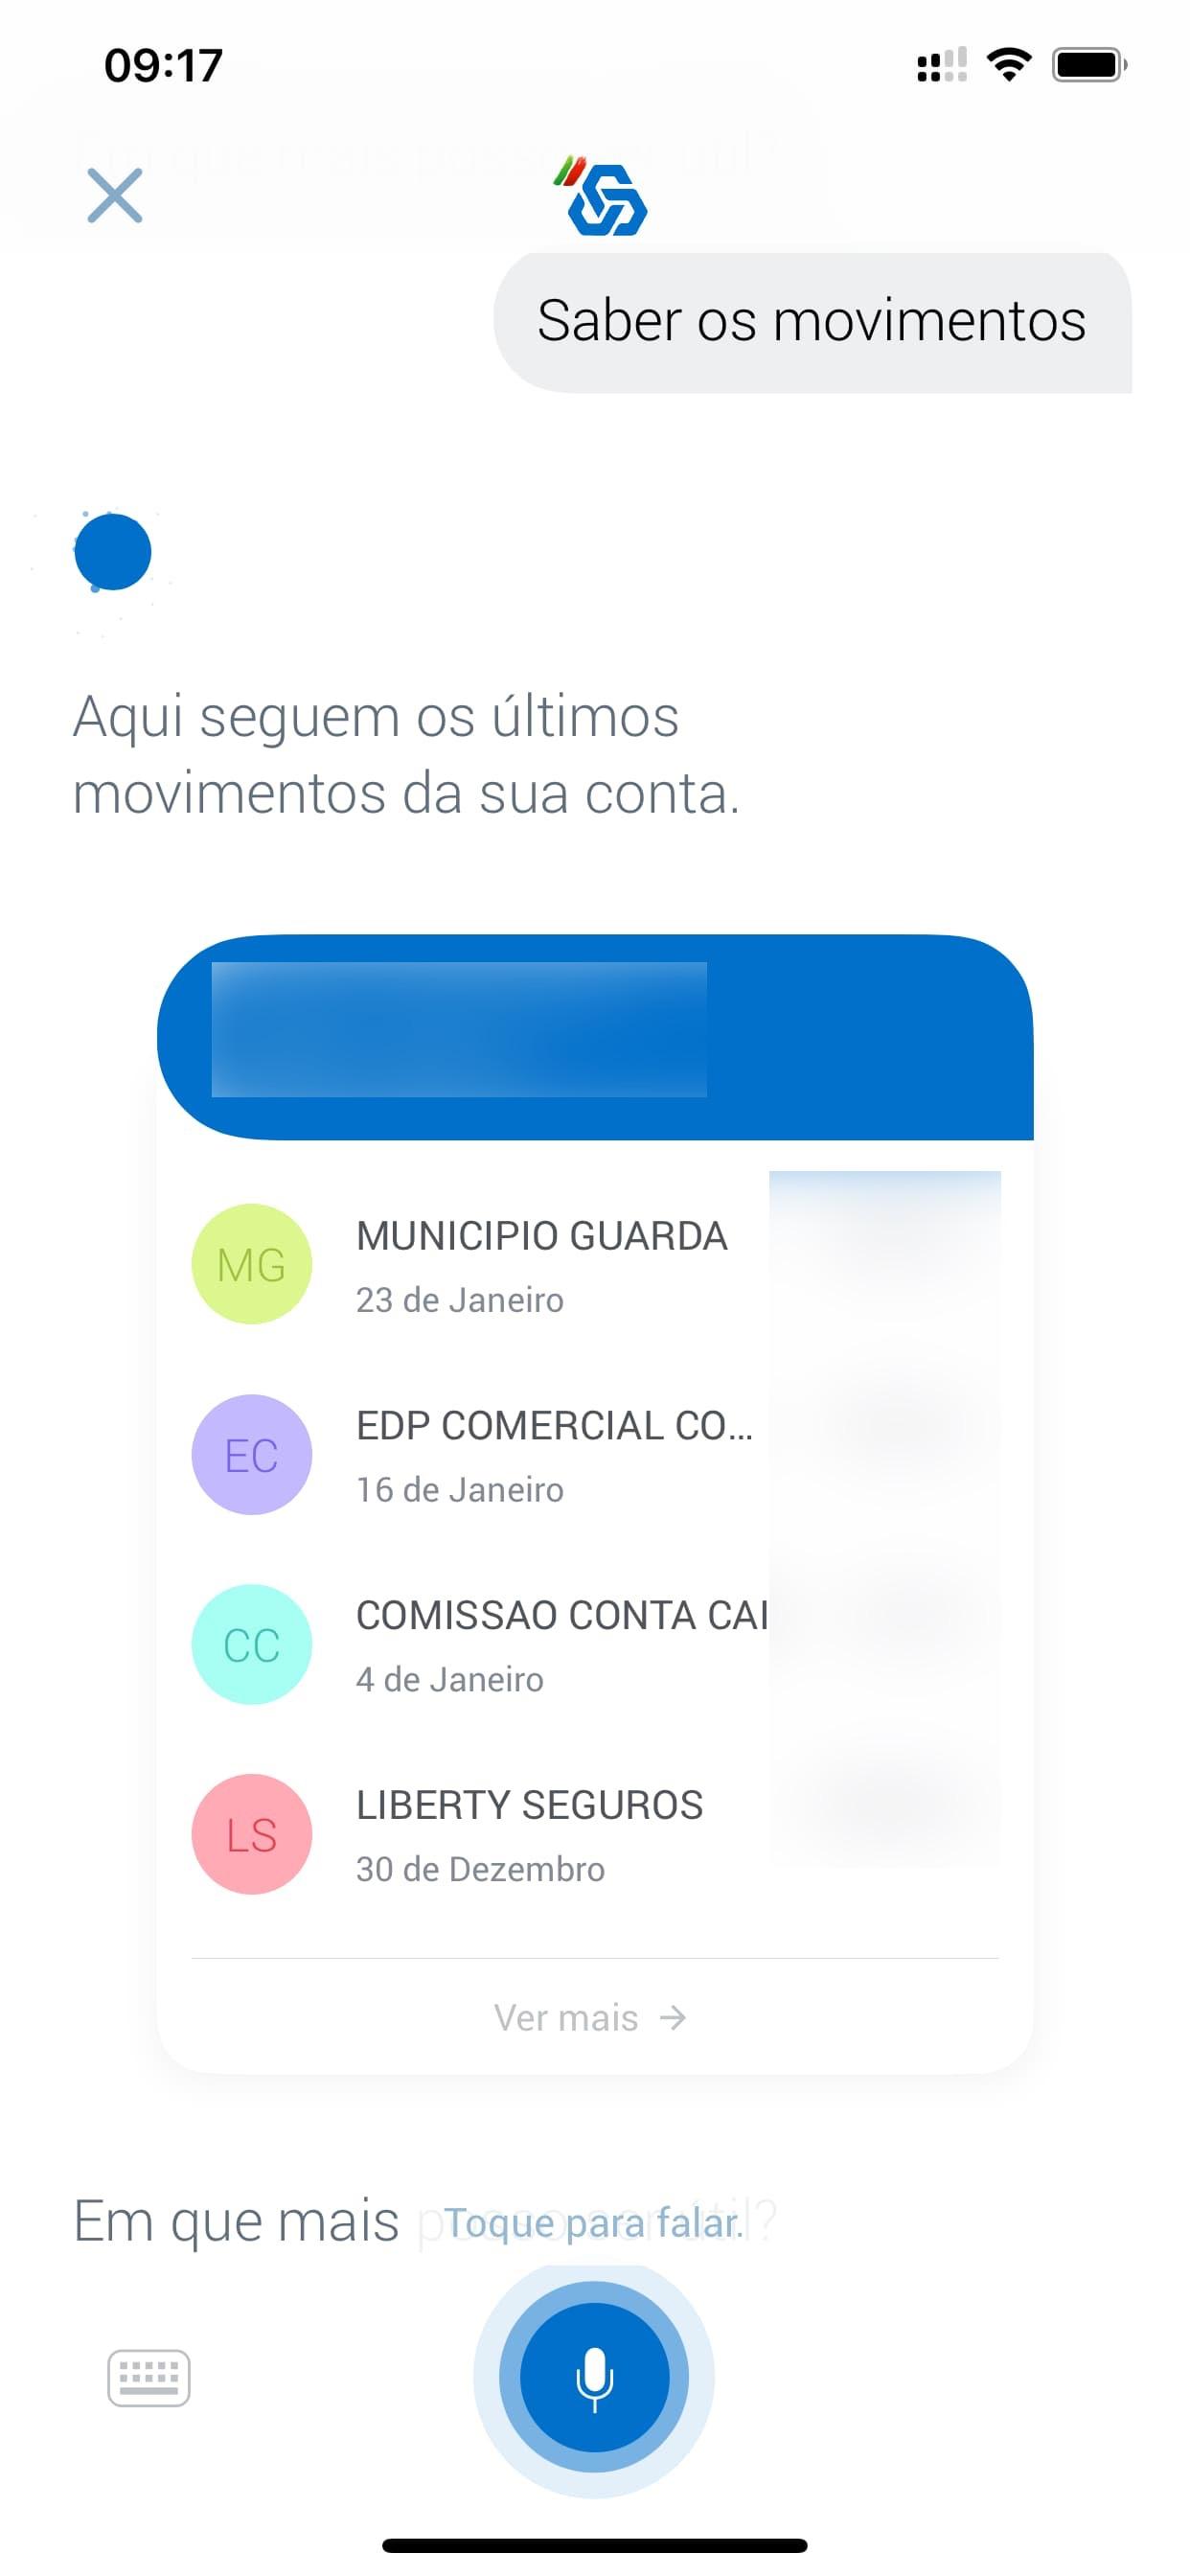 Ứng dụng Caixadirecta: Bạn đã biết Trợ lý kỹ thuật số Cai Caixa? 4